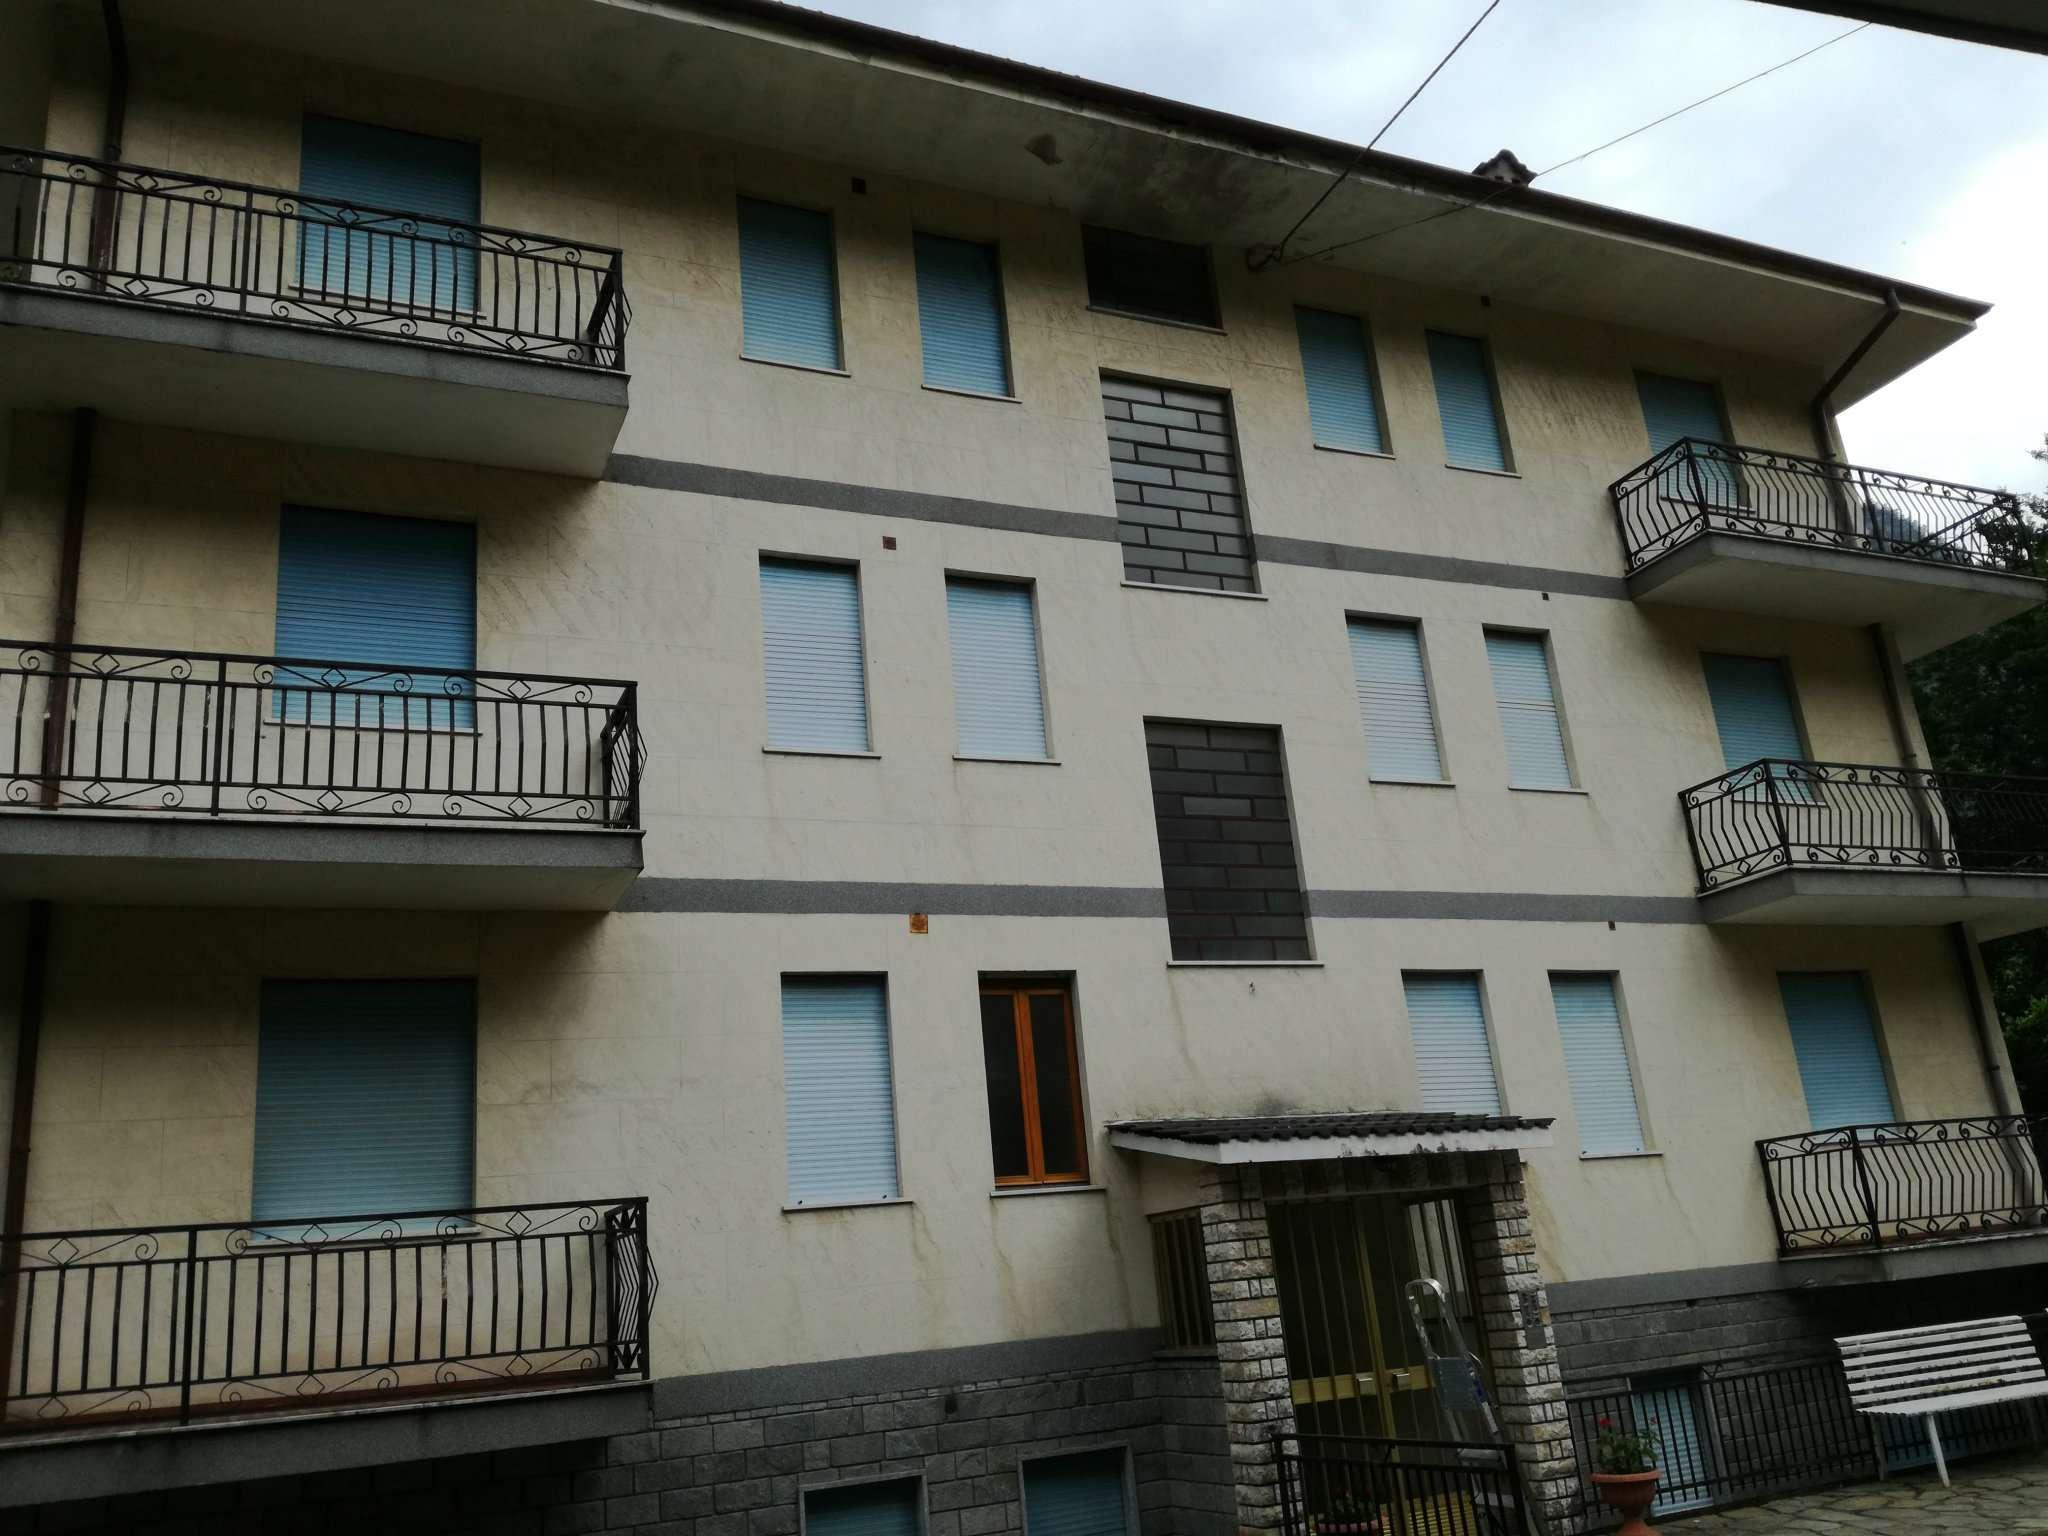 Palazzo / Stabile in vendita a Ceres, 9999 locali, prezzo € 125.000 | PortaleAgenzieImmobiliari.it